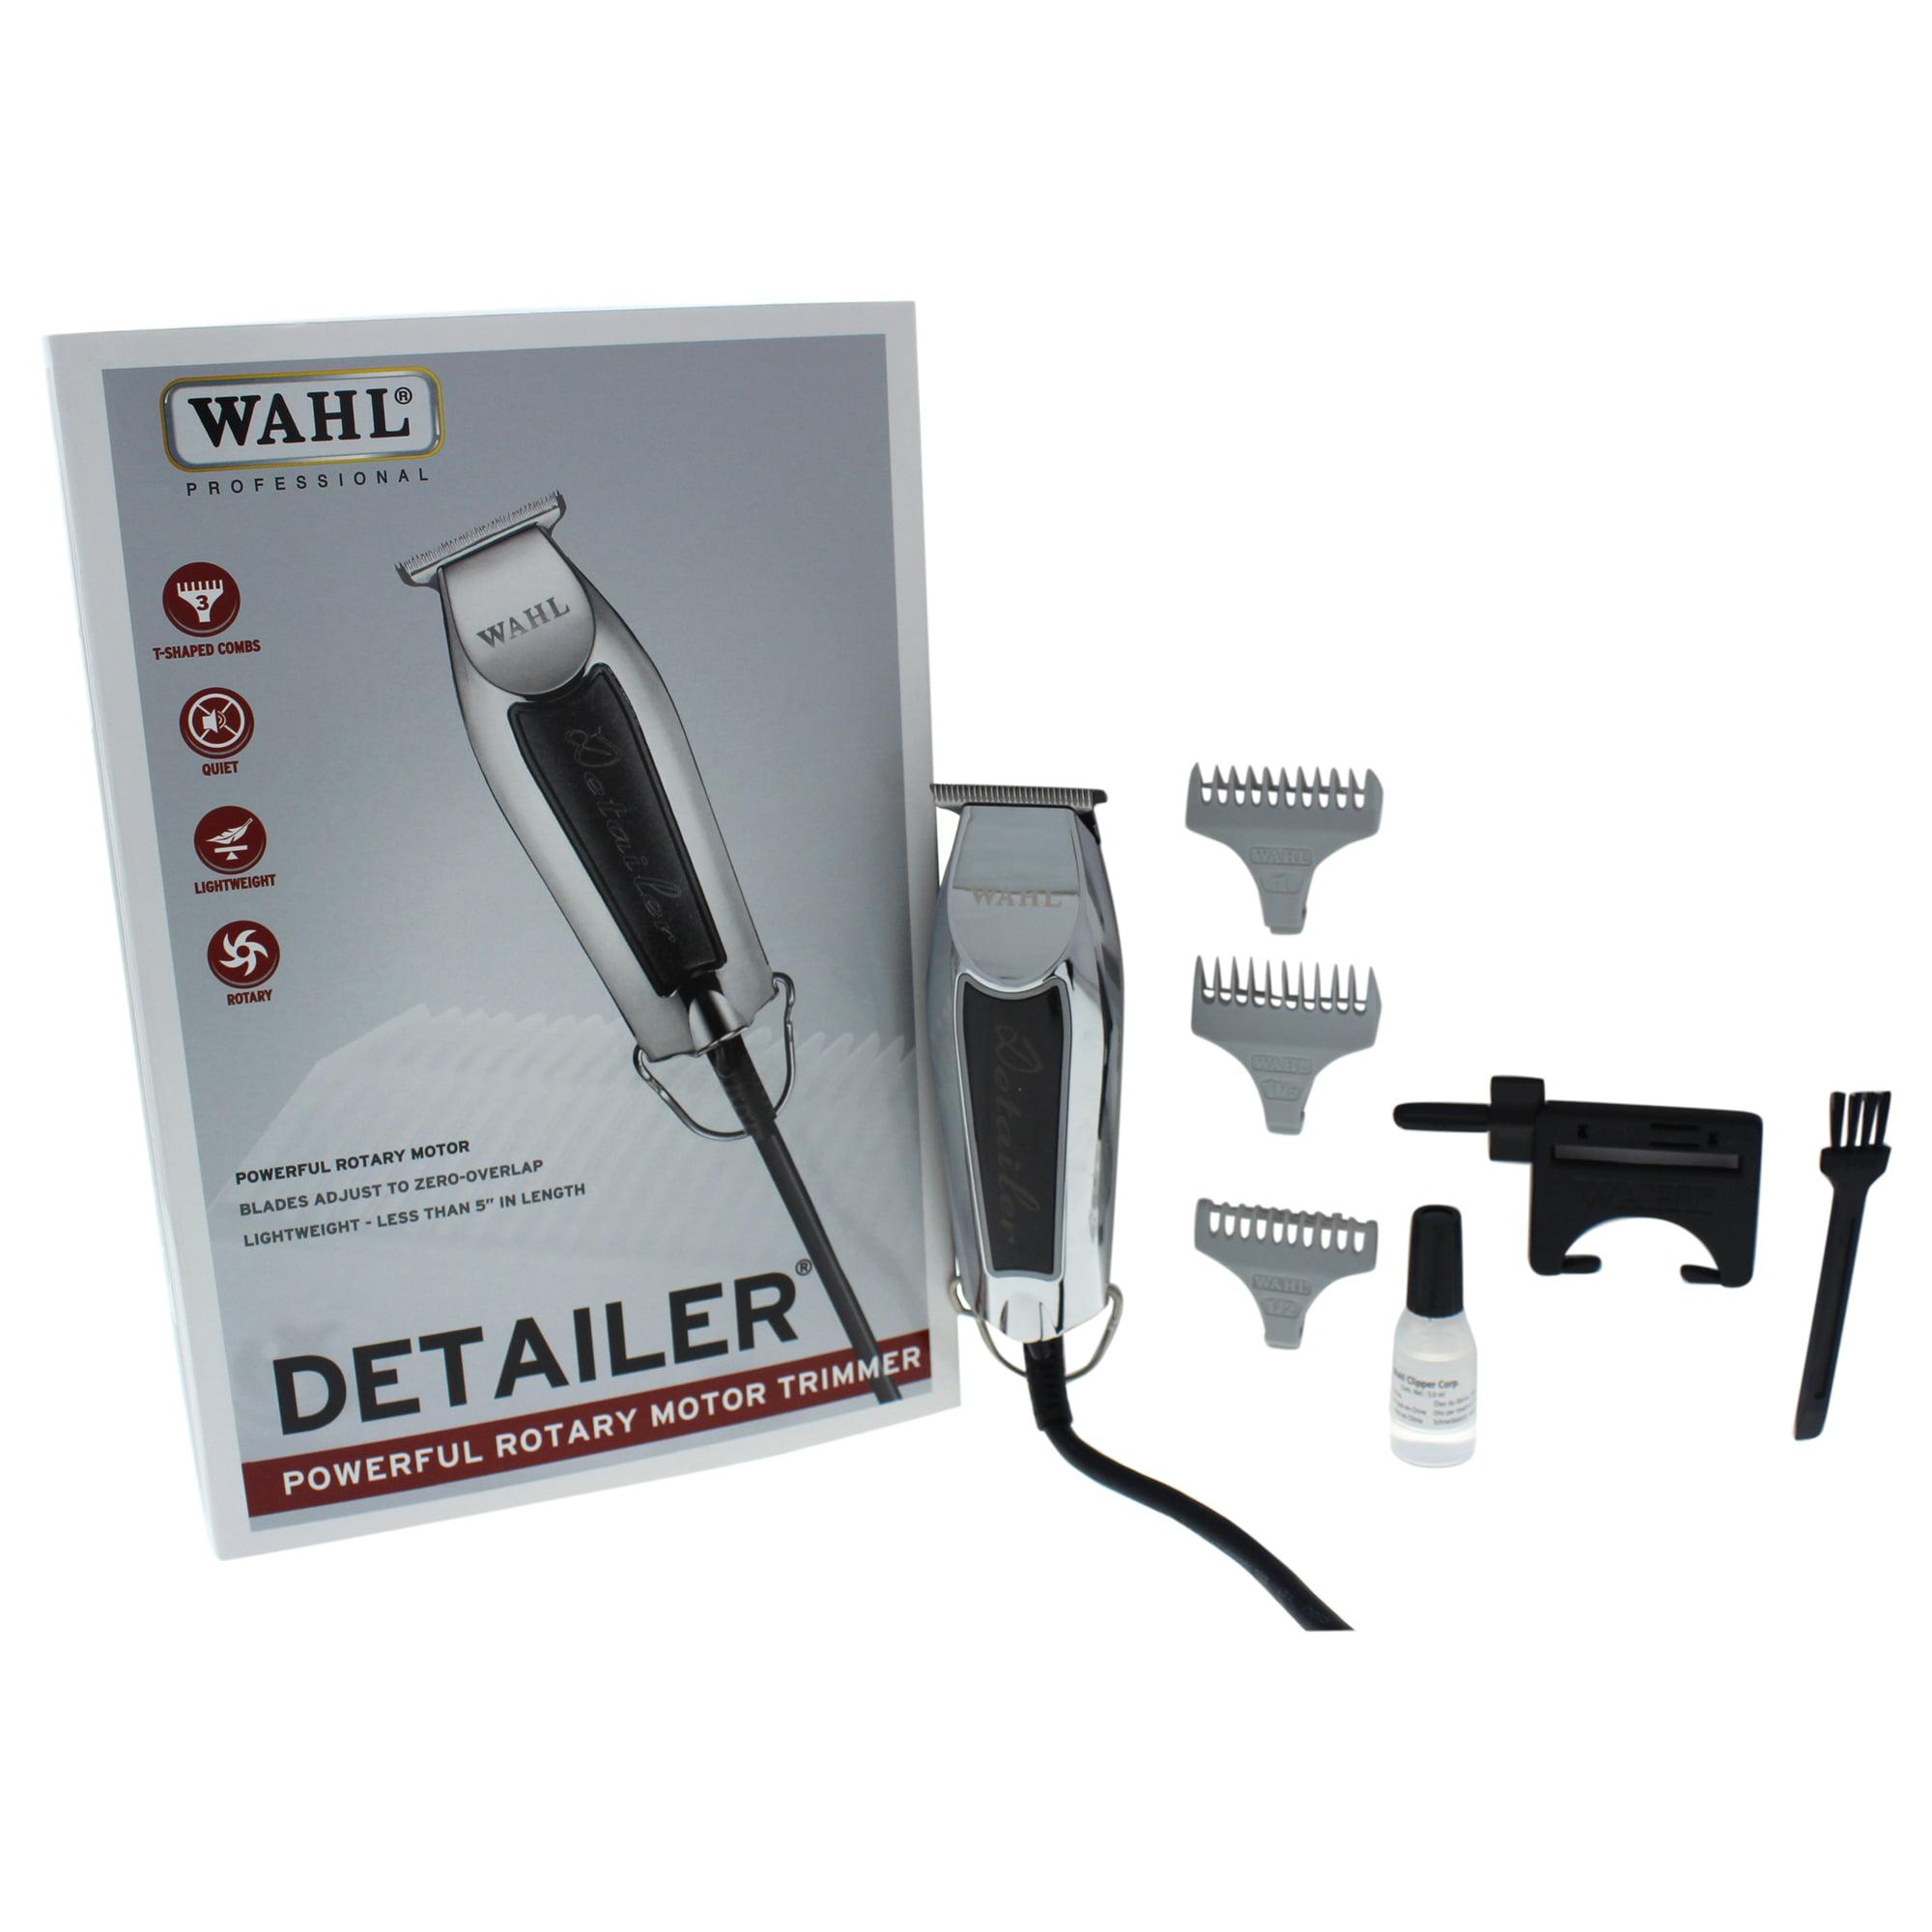 WAHL Professional Detailer - Model # 8290 - Black - 1 Pc Kit Trimmer - Walmart.com